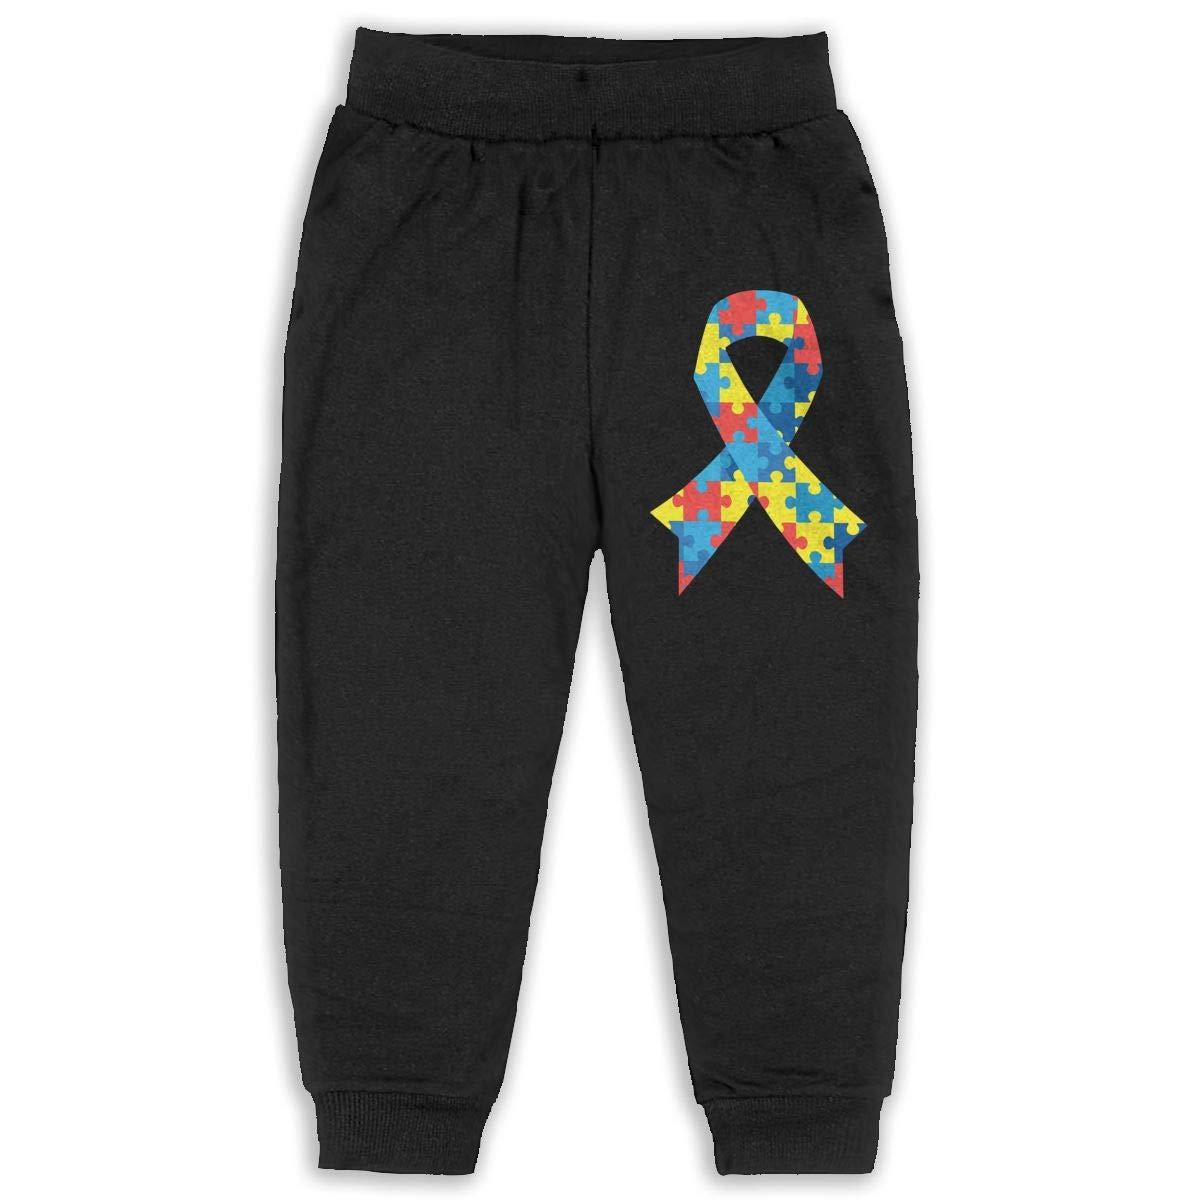 Classic Girls Boys Jersey Pant Autism Awareness Kids /& Toddler Pants